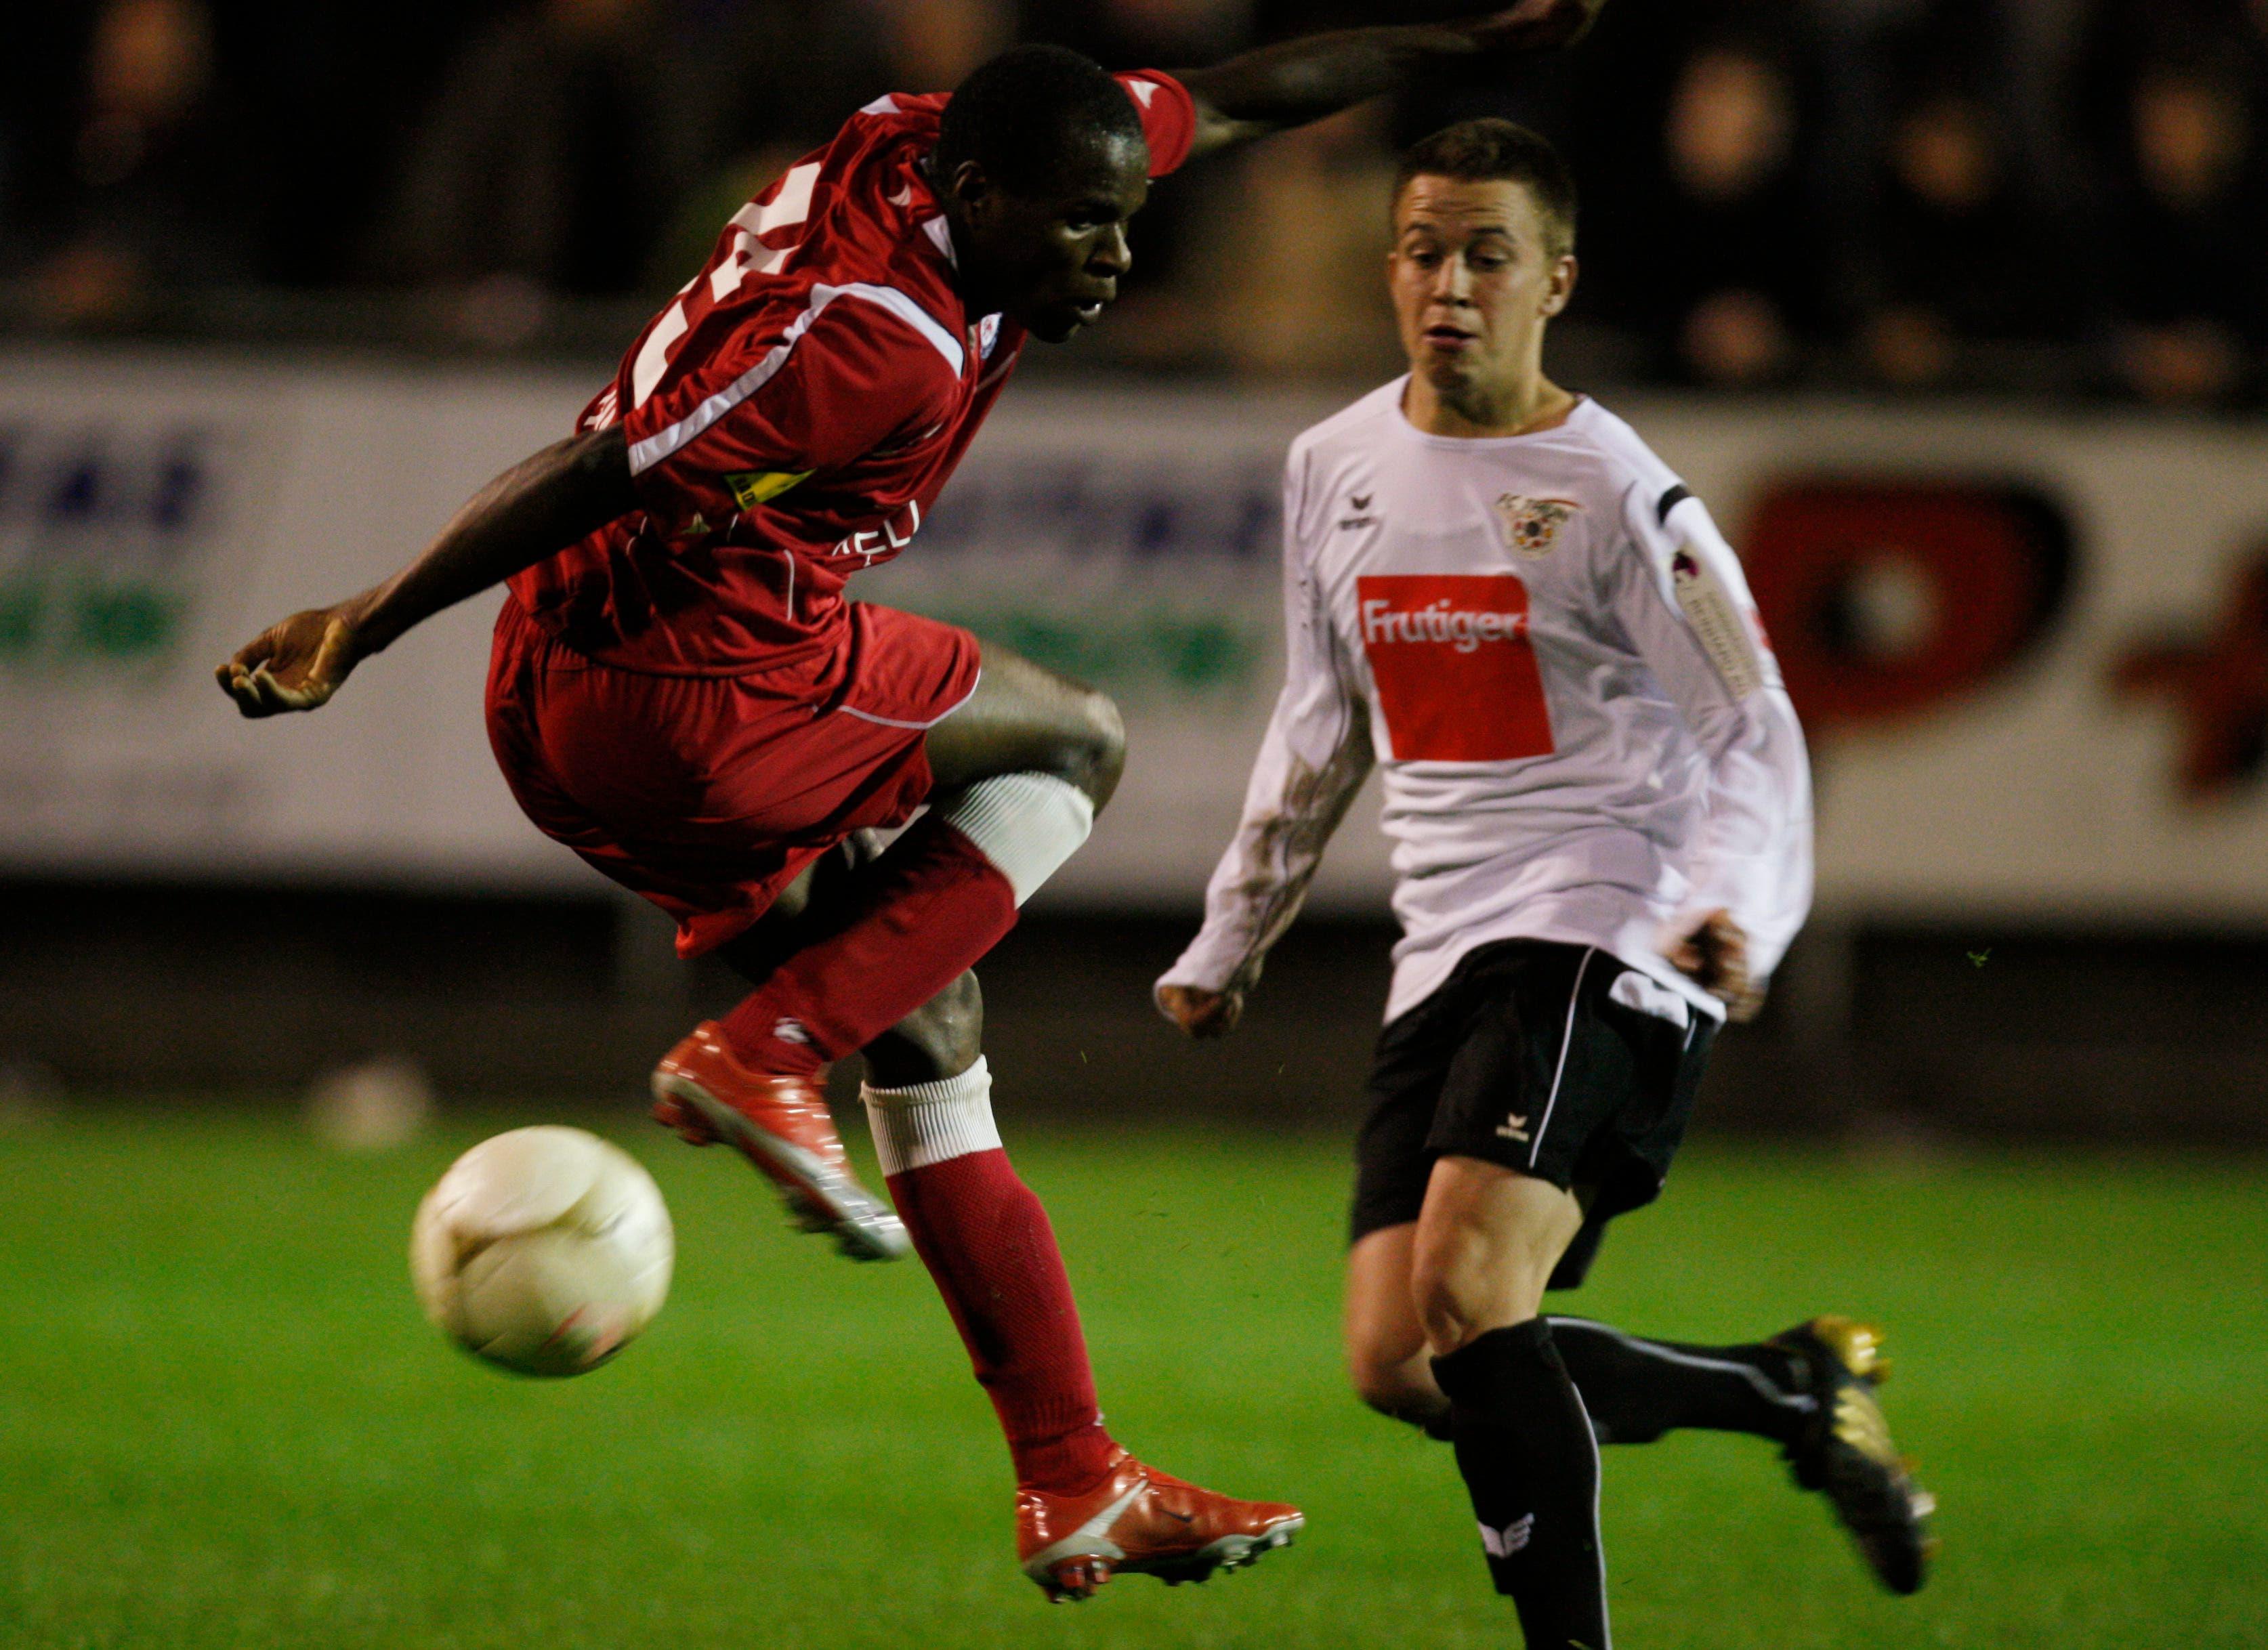 In seiner ersten Saison in der Challenge League, zeigt sich Innocent Emeghara (links) bereits als abgebrühter Torschütze: 16 Tore in 28 Partien.